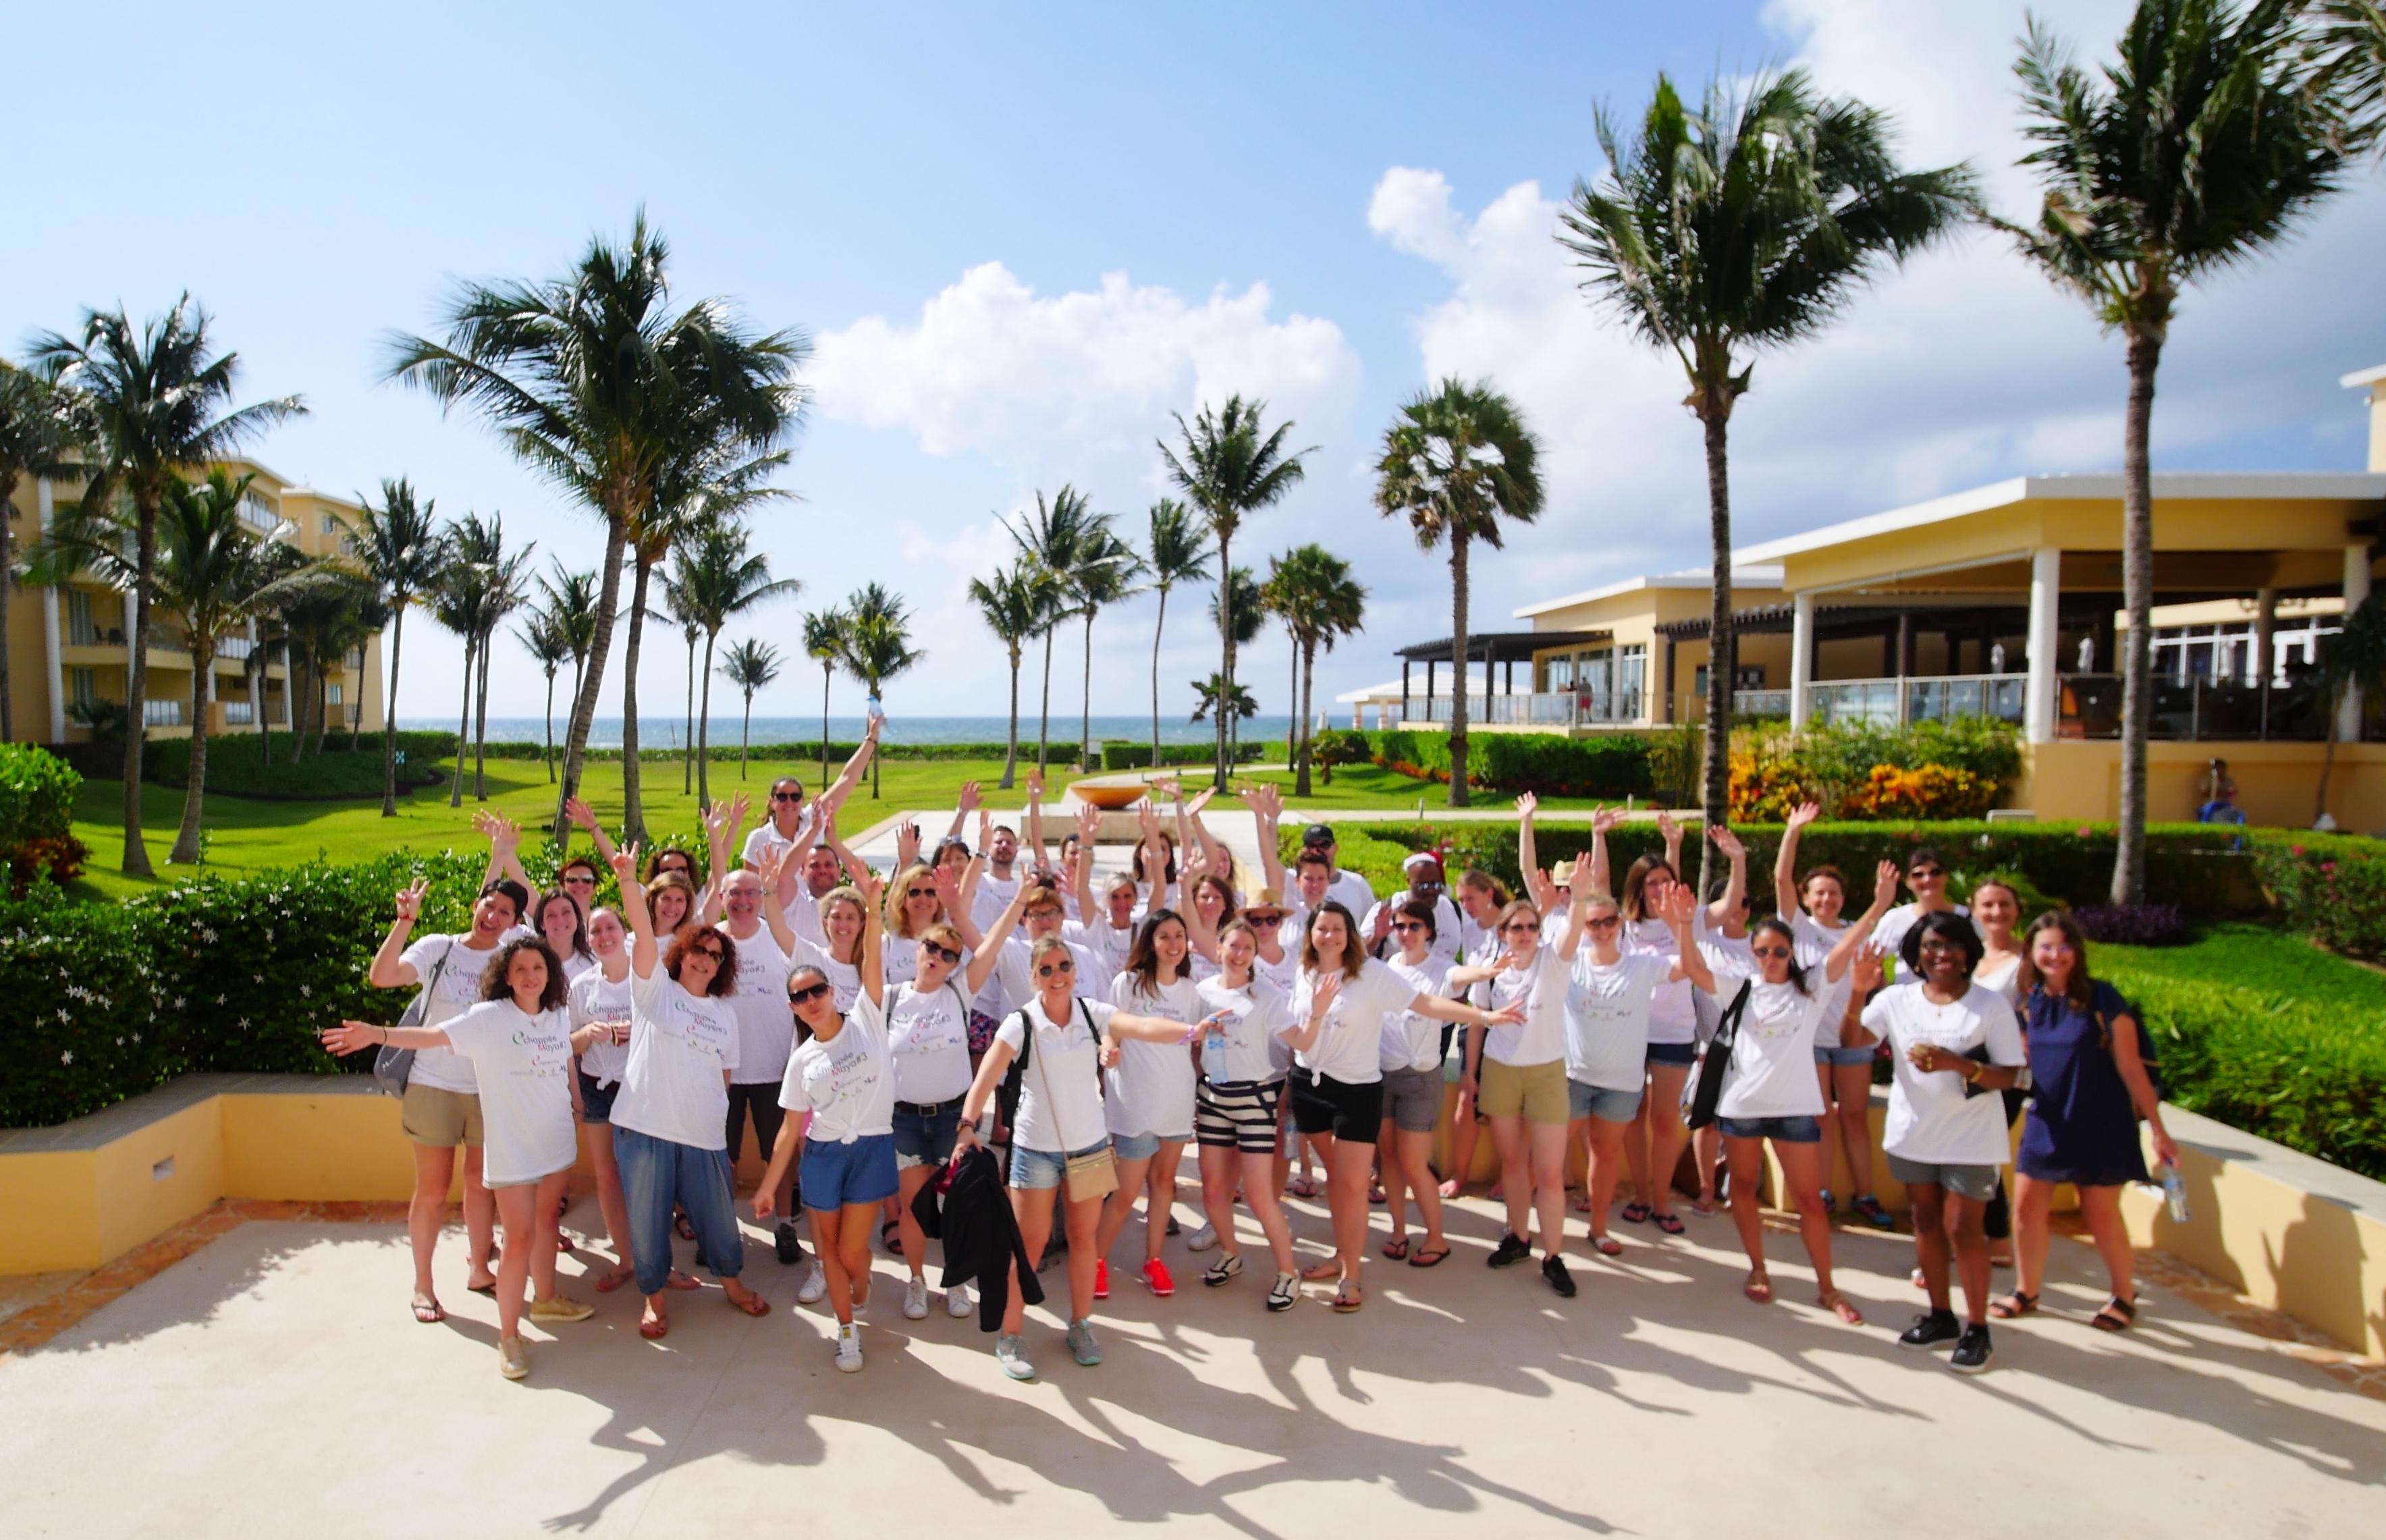 Avec son « Echappée Maya » 2019, Empreinte avait montré aux 35 agents de voyage invités sa parfaite connaissance de la destination / Crédit photo L. Medina